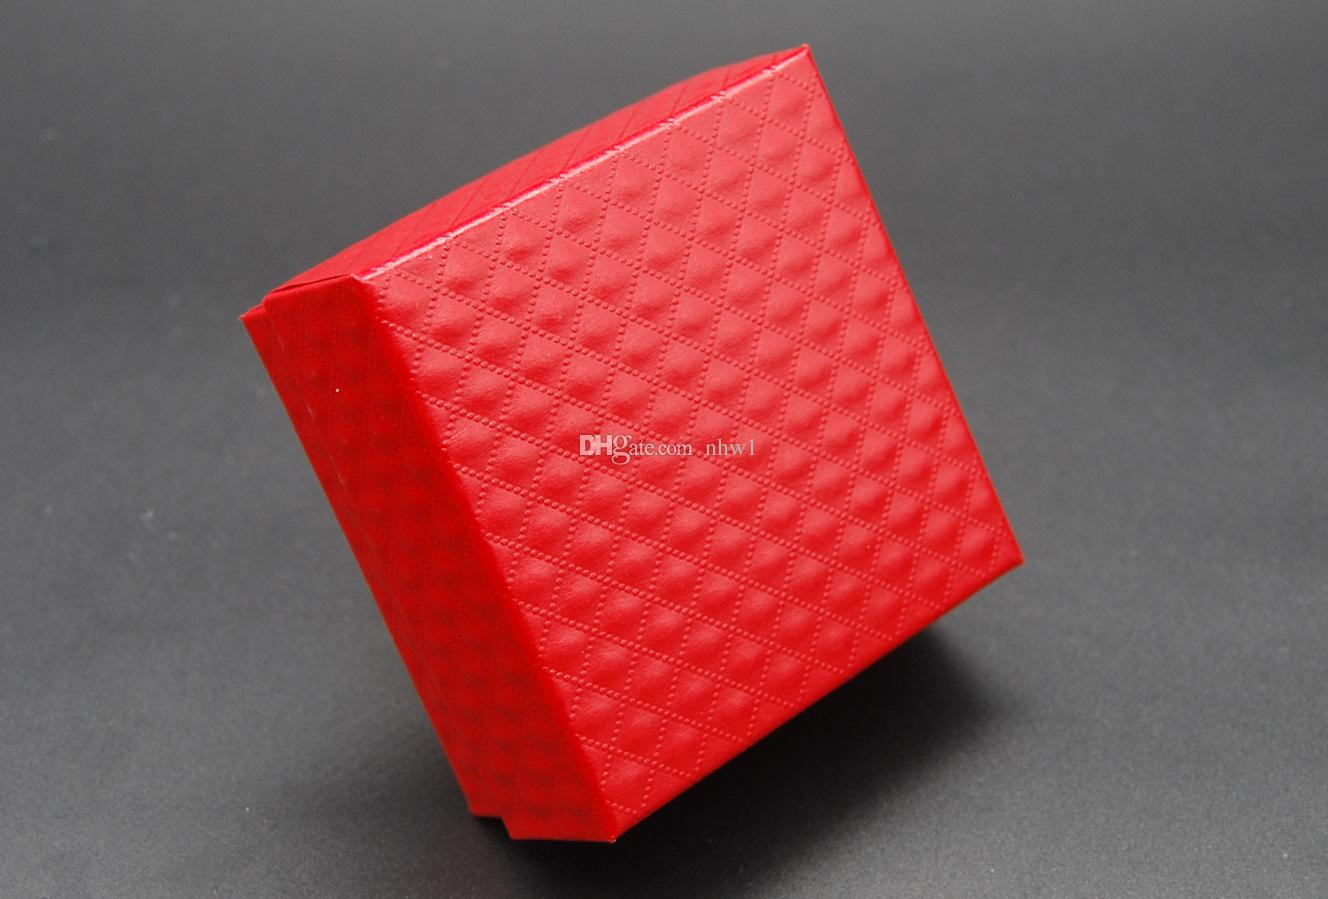 Hot Jóias Display Cases Colar De Papelão Brincos Anel Pulseira Conjuntos De Caixa De Jóias Embalagem Caixa De Presente com Esponja